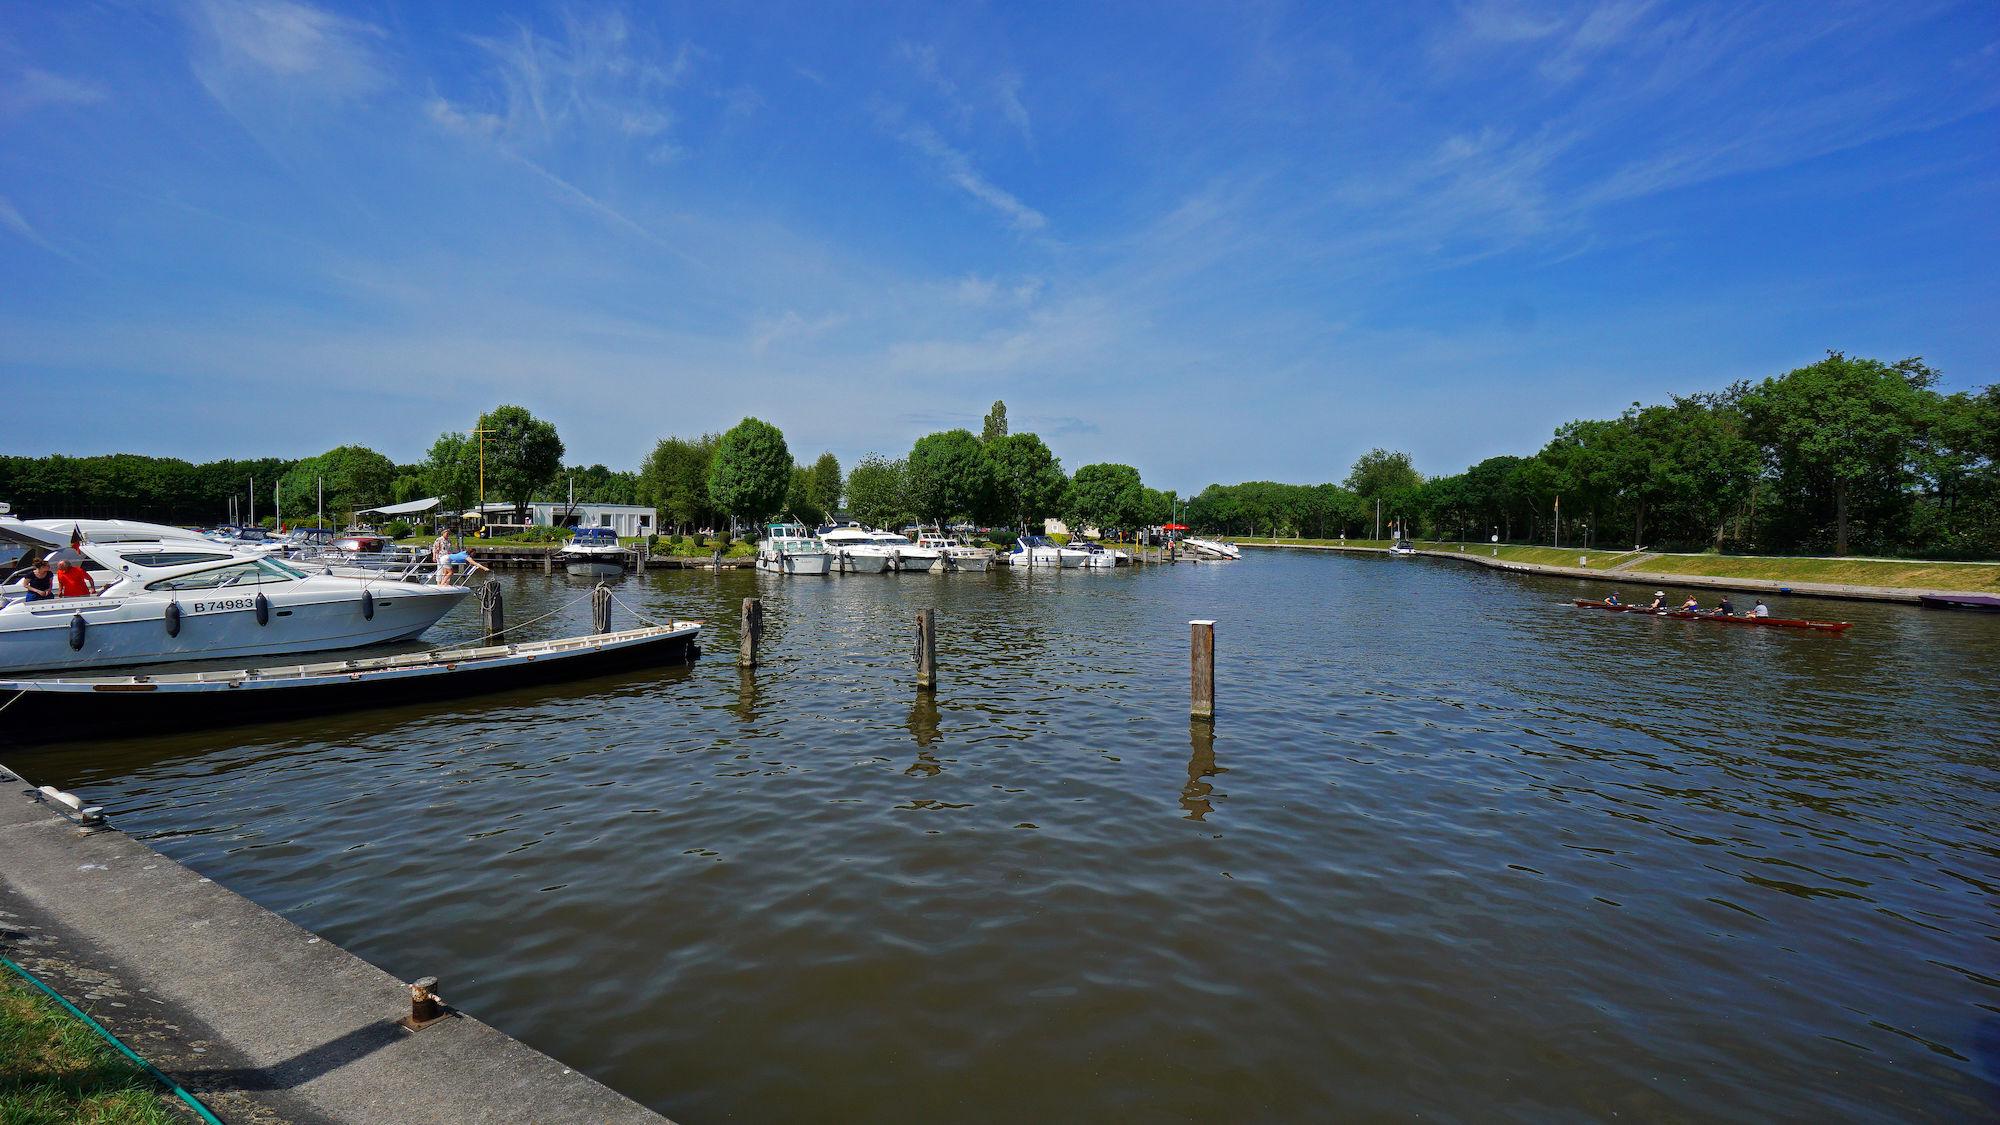 Leie + jachthaven VVW Gent - Leie